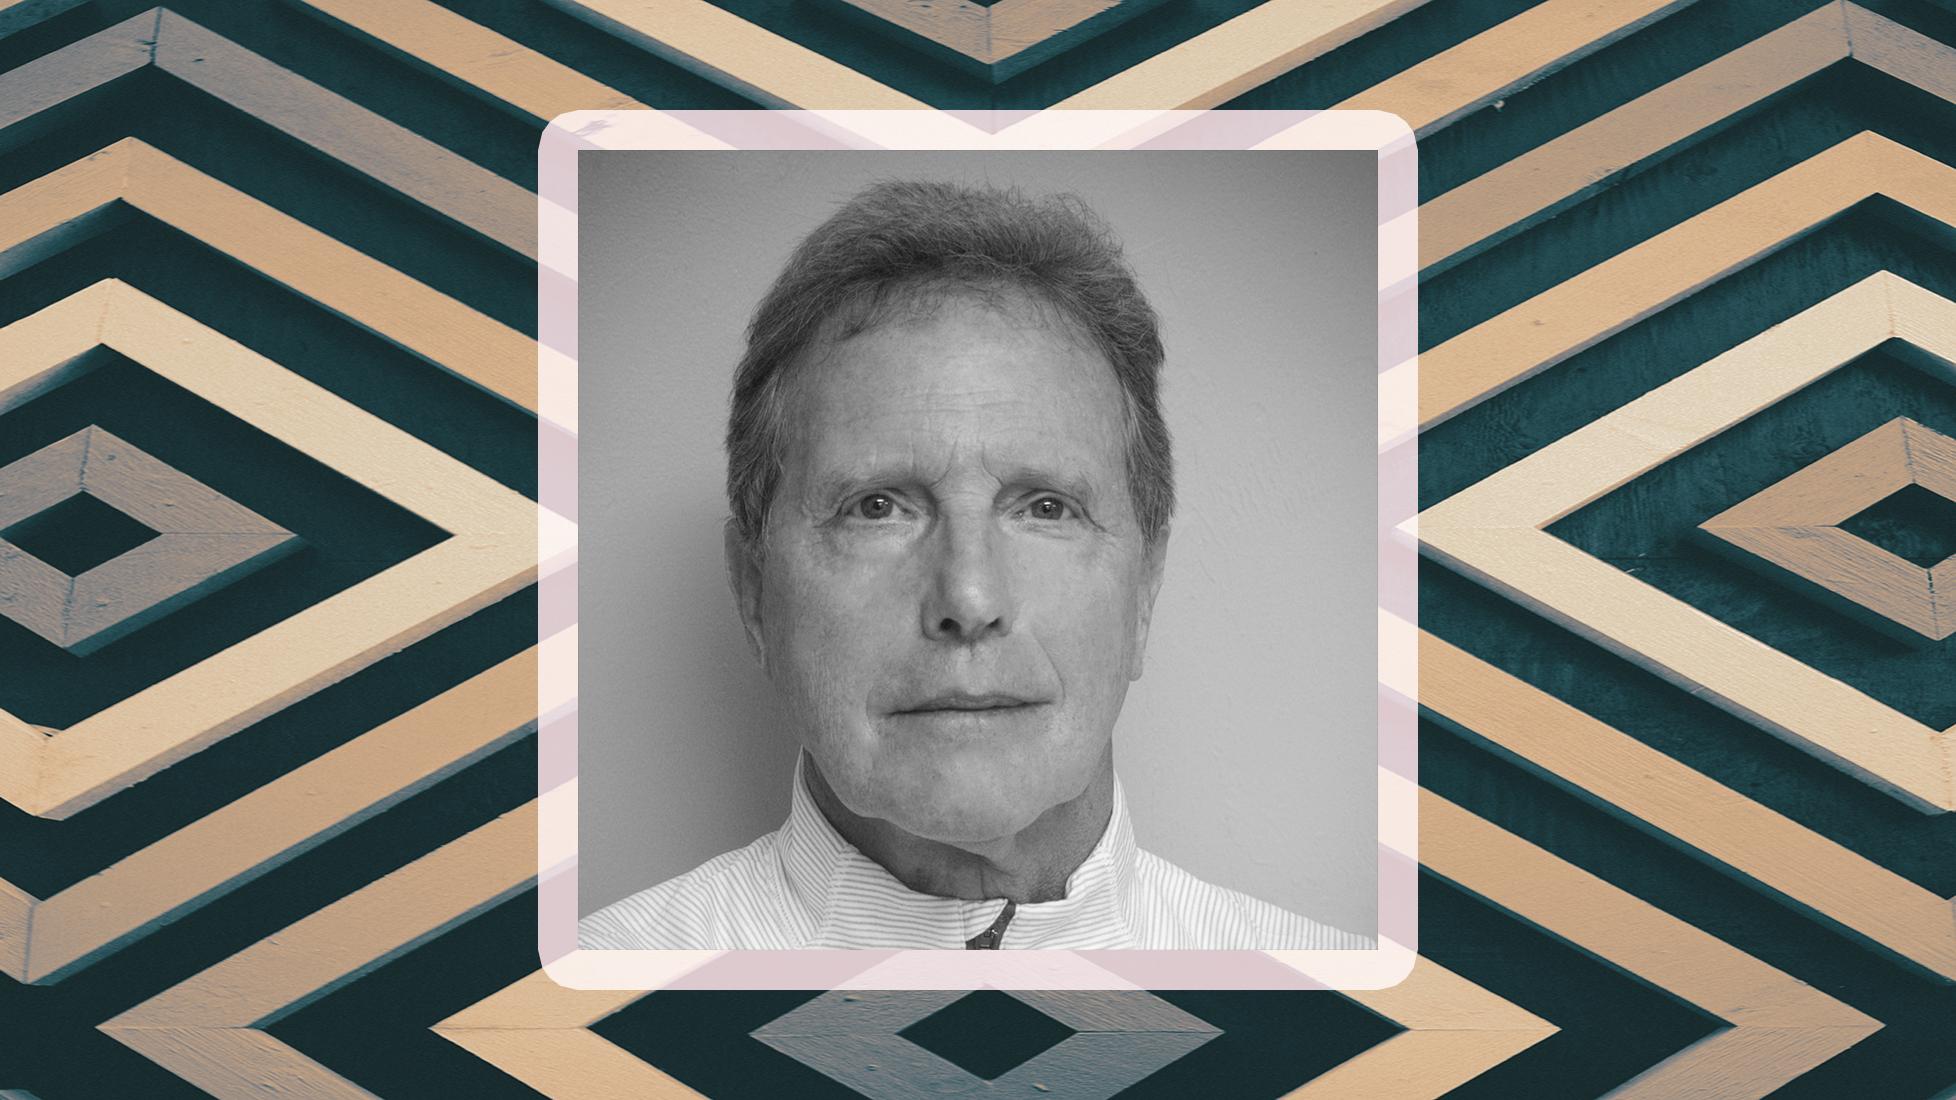 Dr. Steven Gardner's podcast image